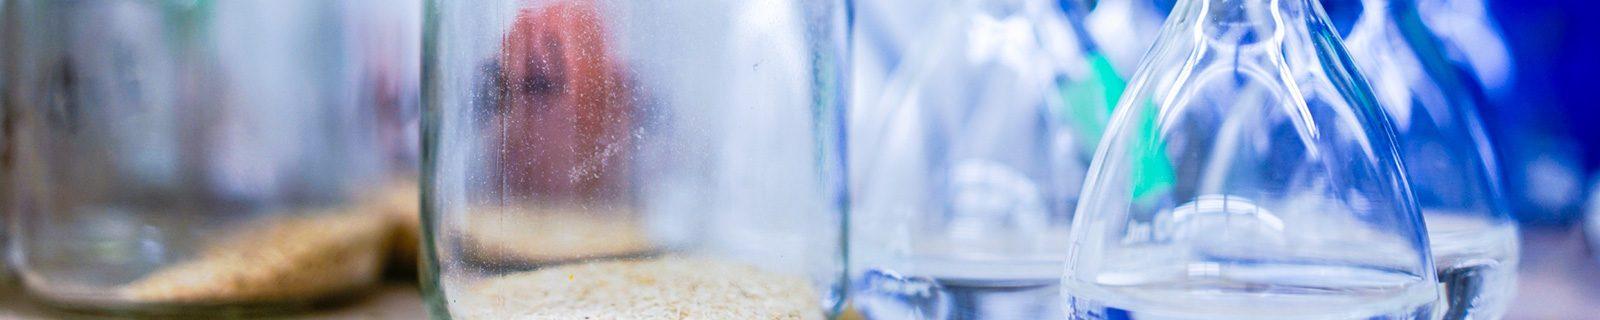 Hintergrundbild Gläser – Fachbereich Biologie